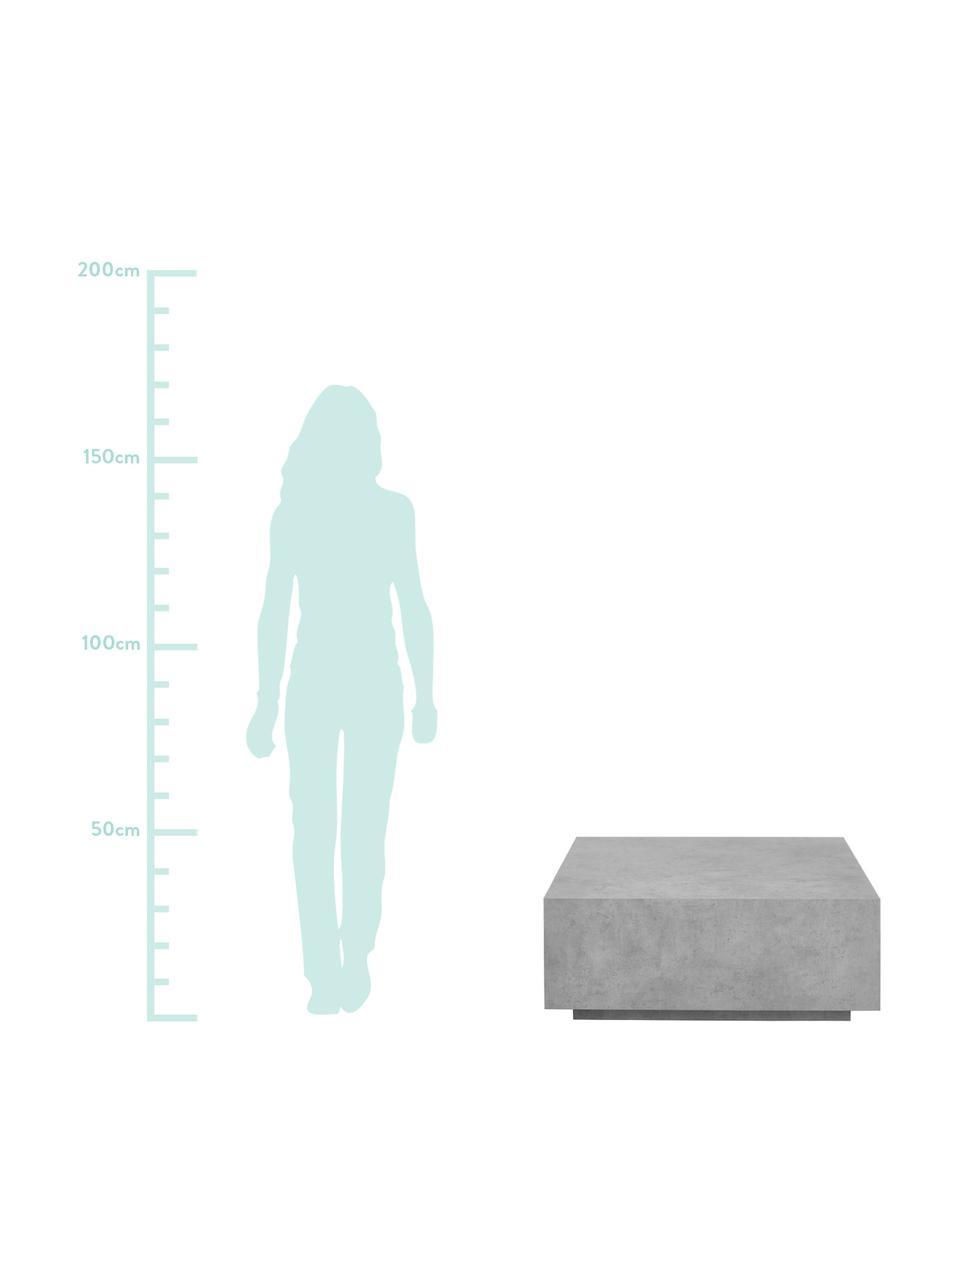 Tavolino da salotto effetto cemento Lesley, Pannello di fibra a media densità (MDF) rivestito con un foglio di melammina, legno di mango massiccio, Grigio, aspetto di cemento, Larg. 90 x Alt. 35 cm